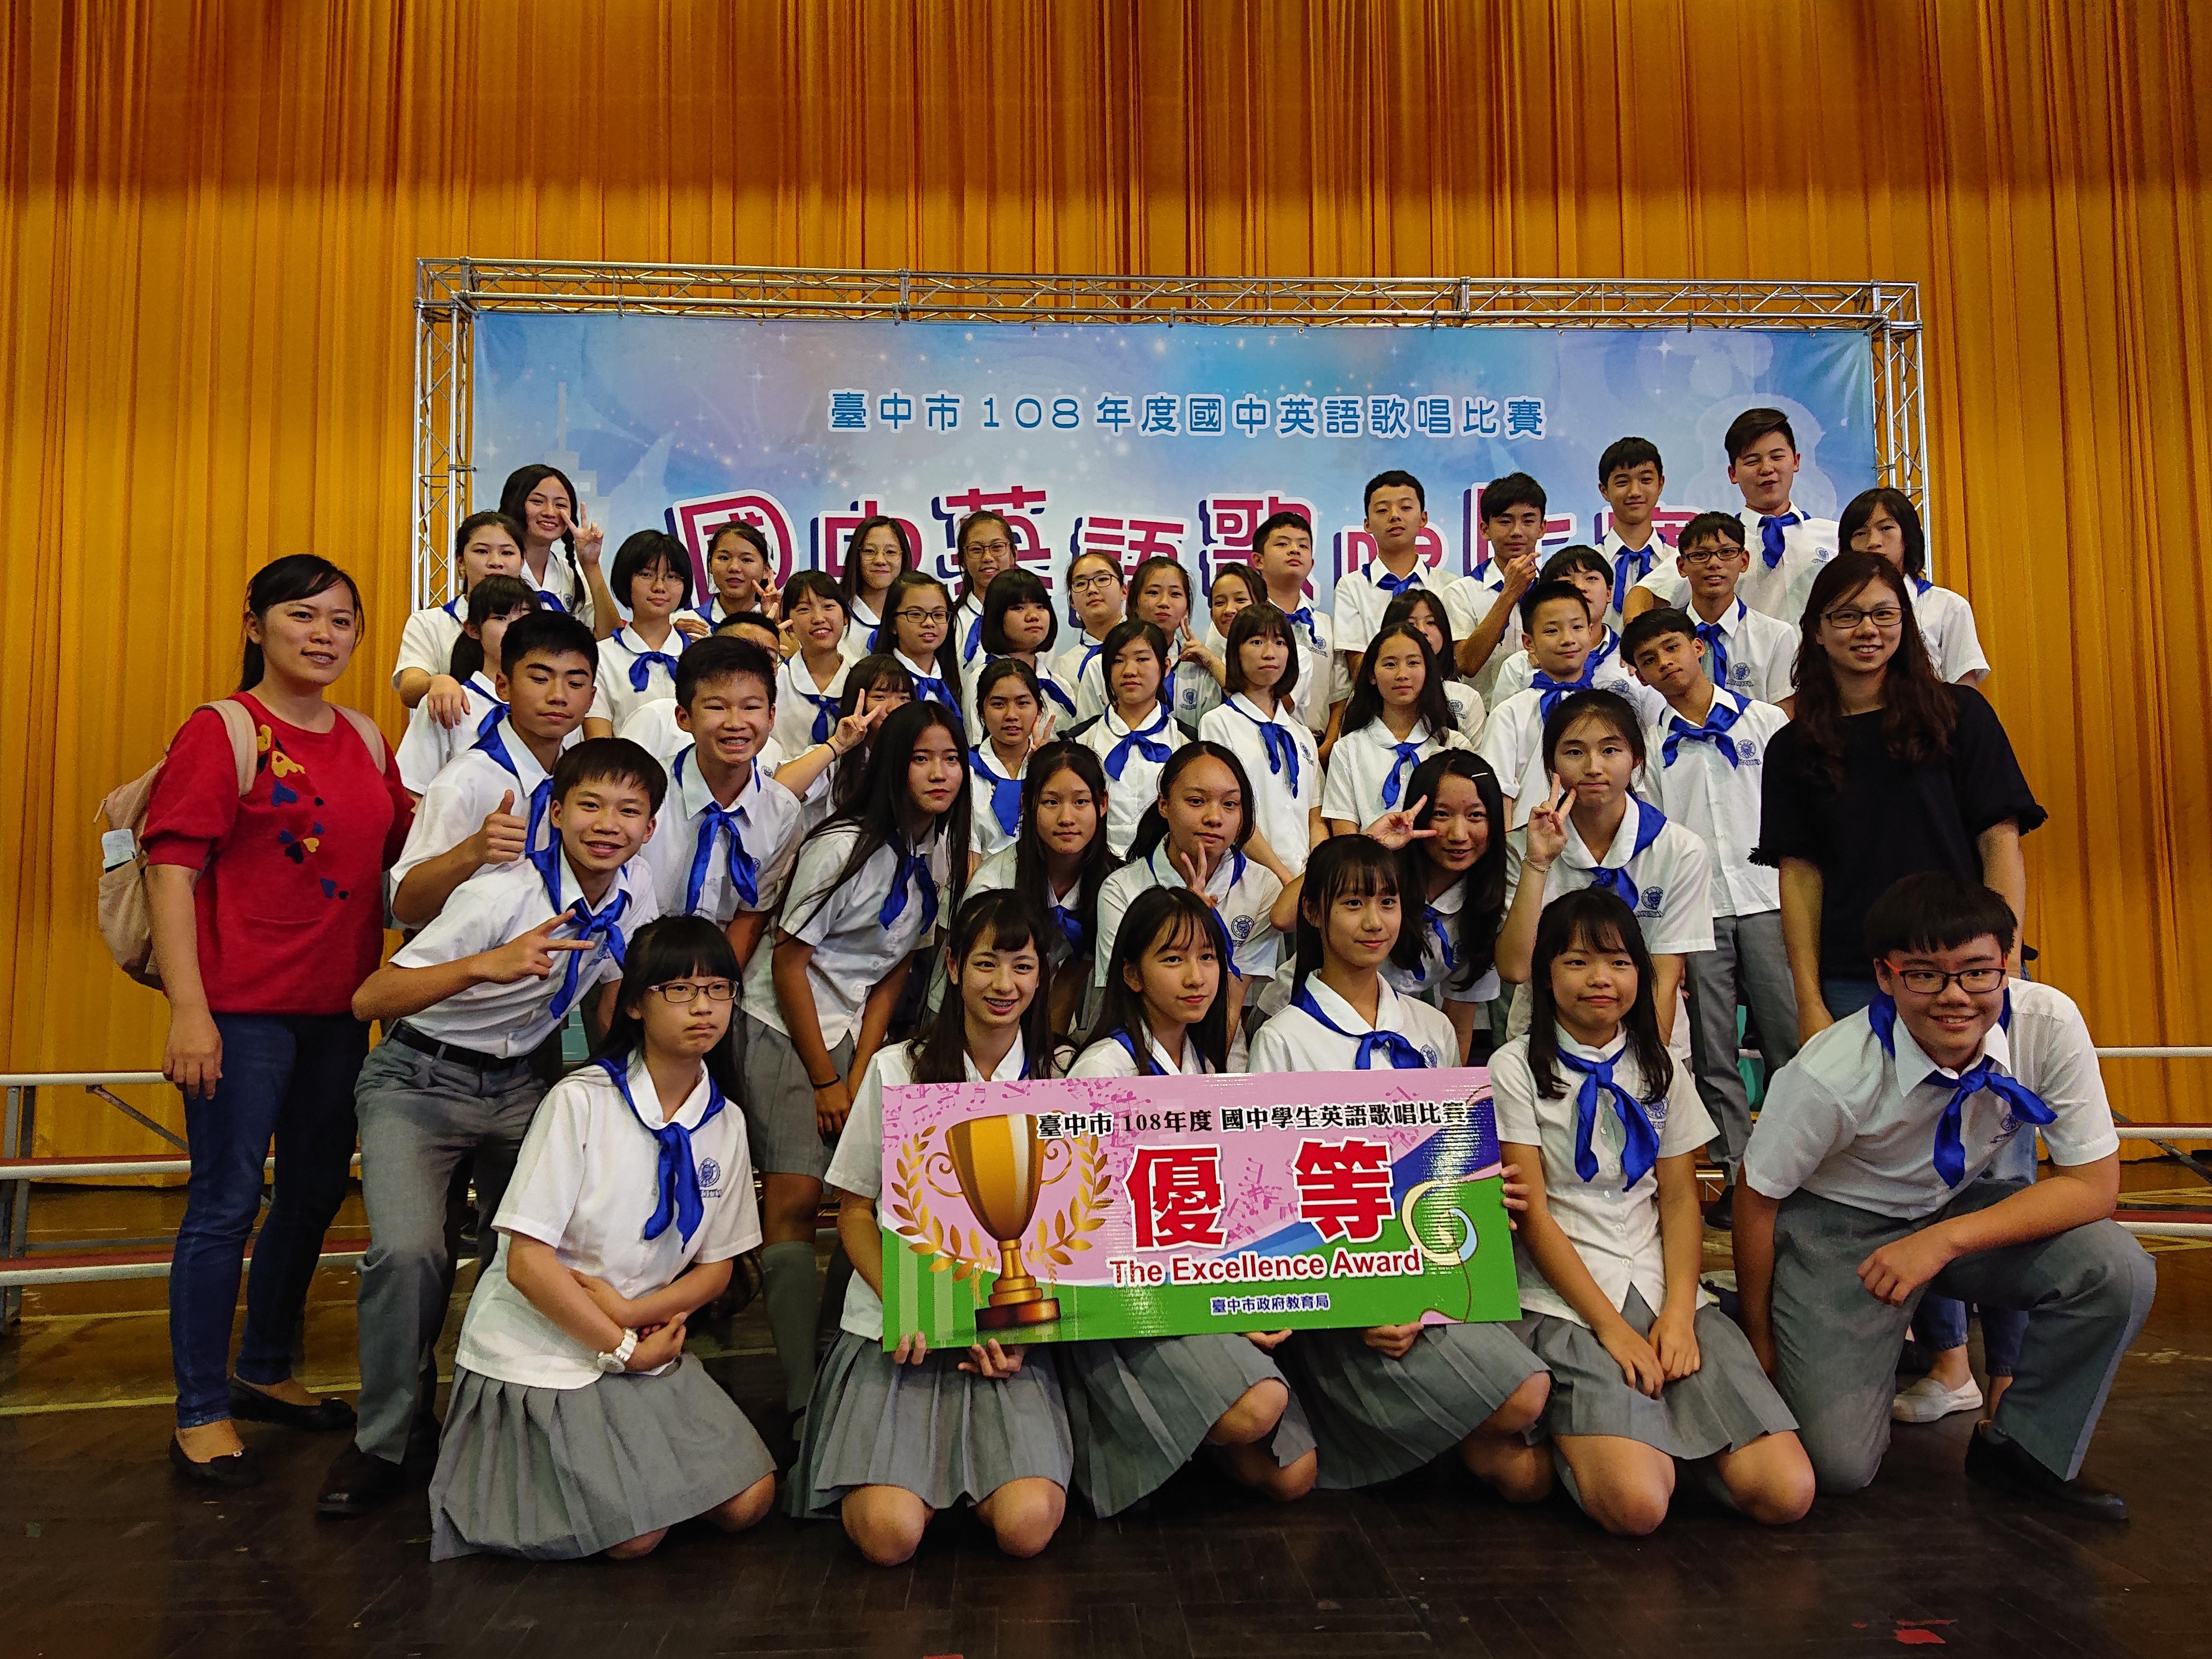 臺中市108年度國中英語歌唱比賽